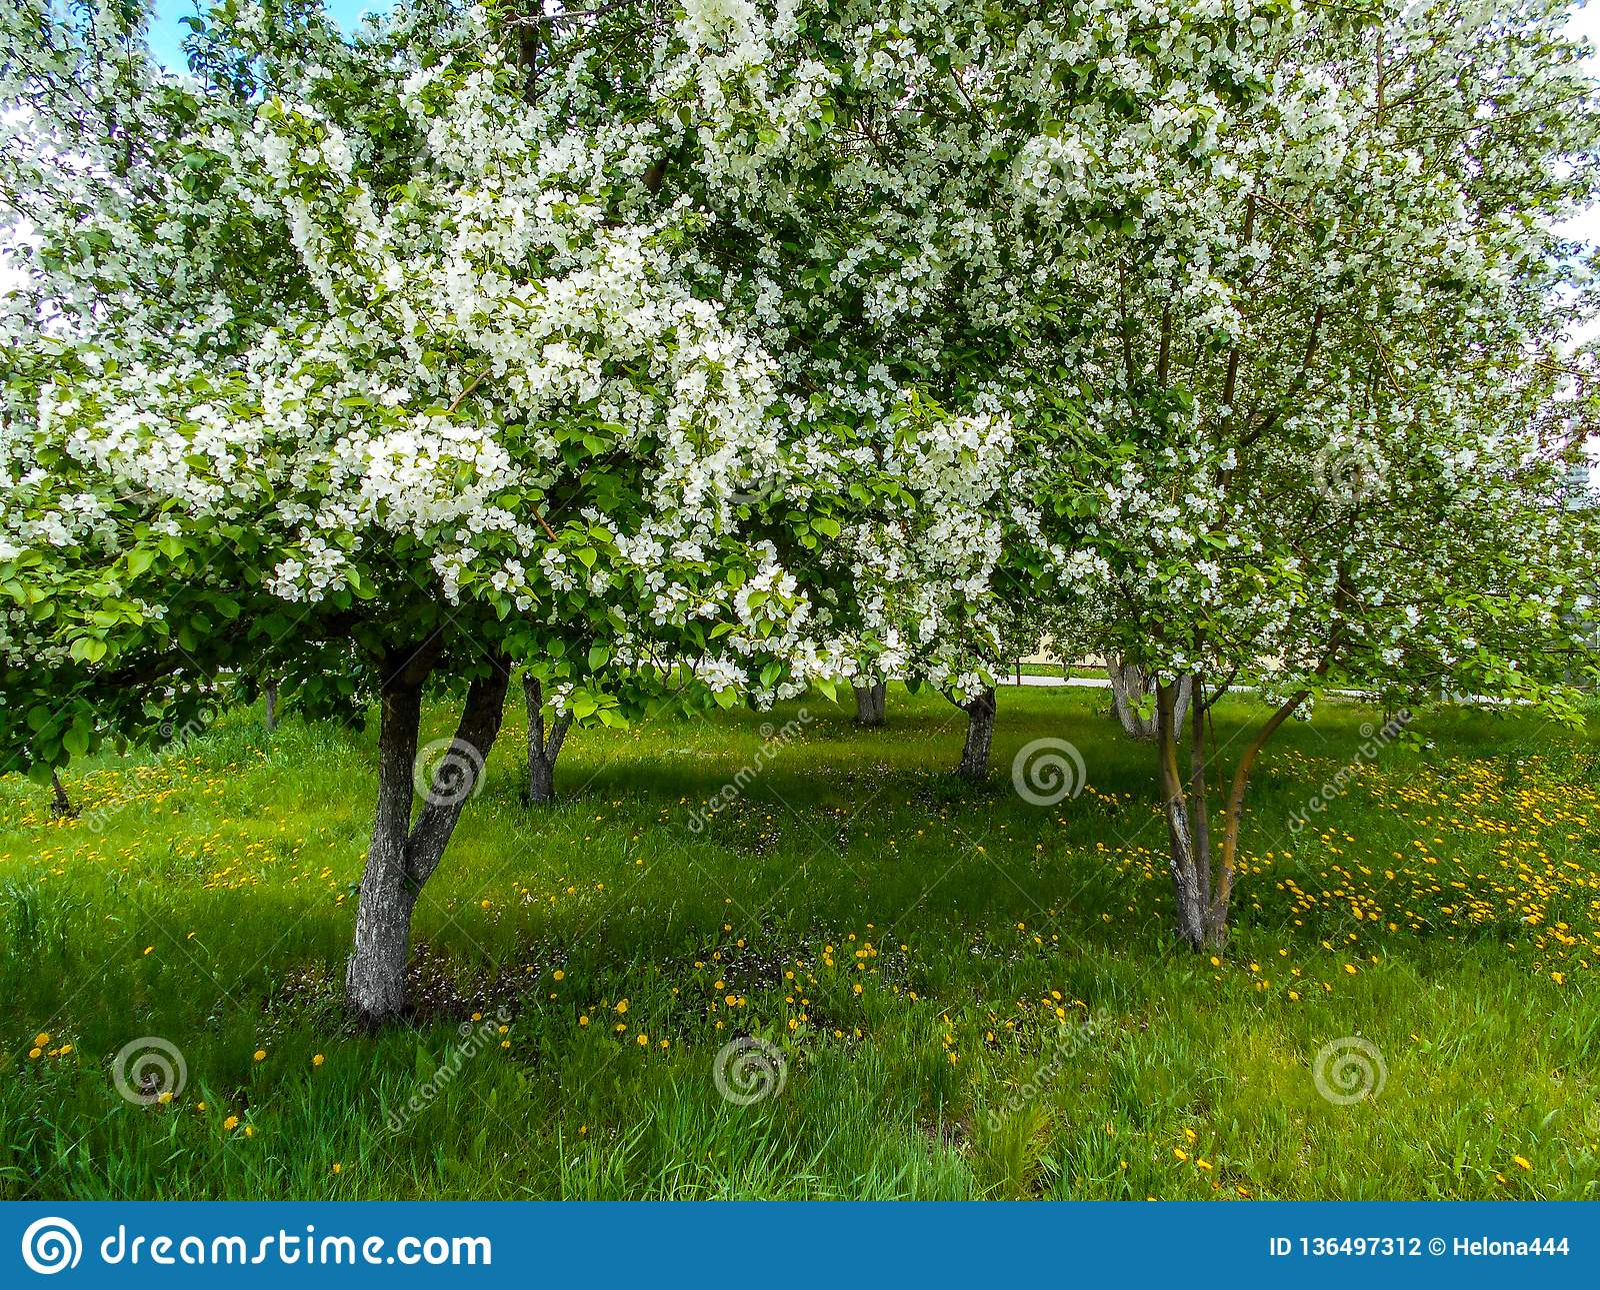 Apple-bloesems in de lente in de stadstuin